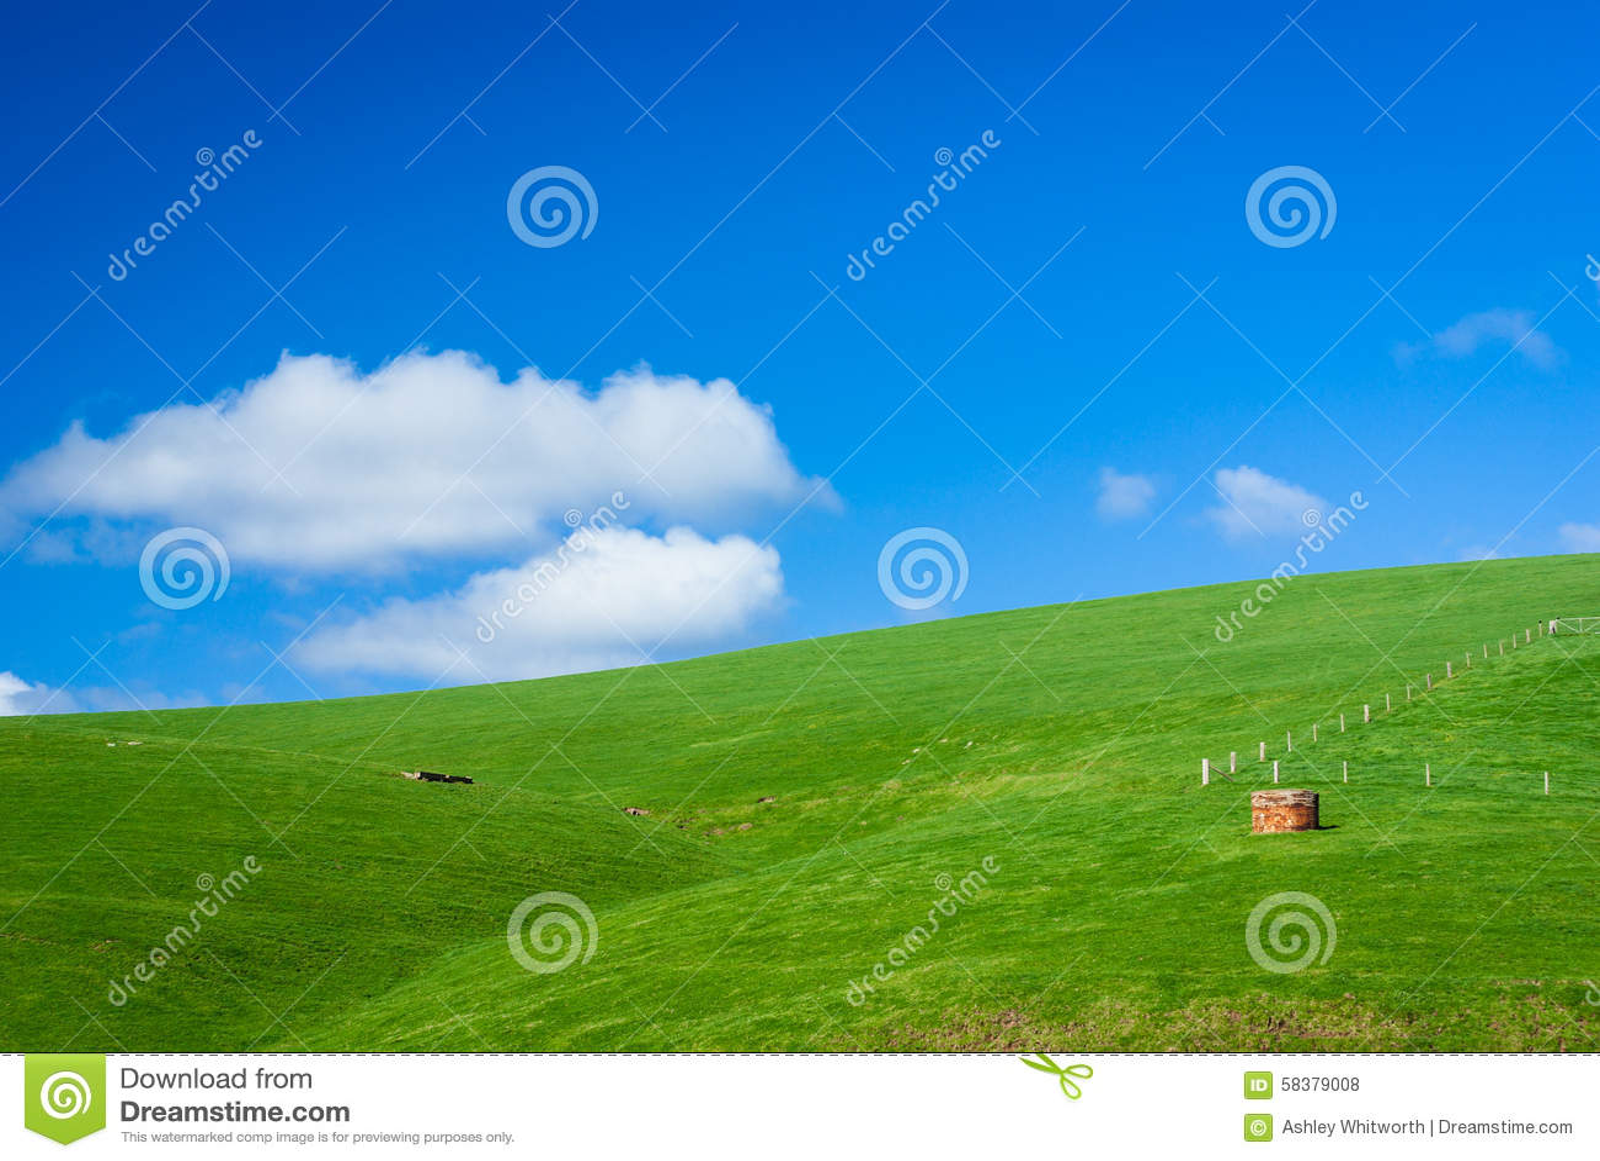 普通绿色多小山农田